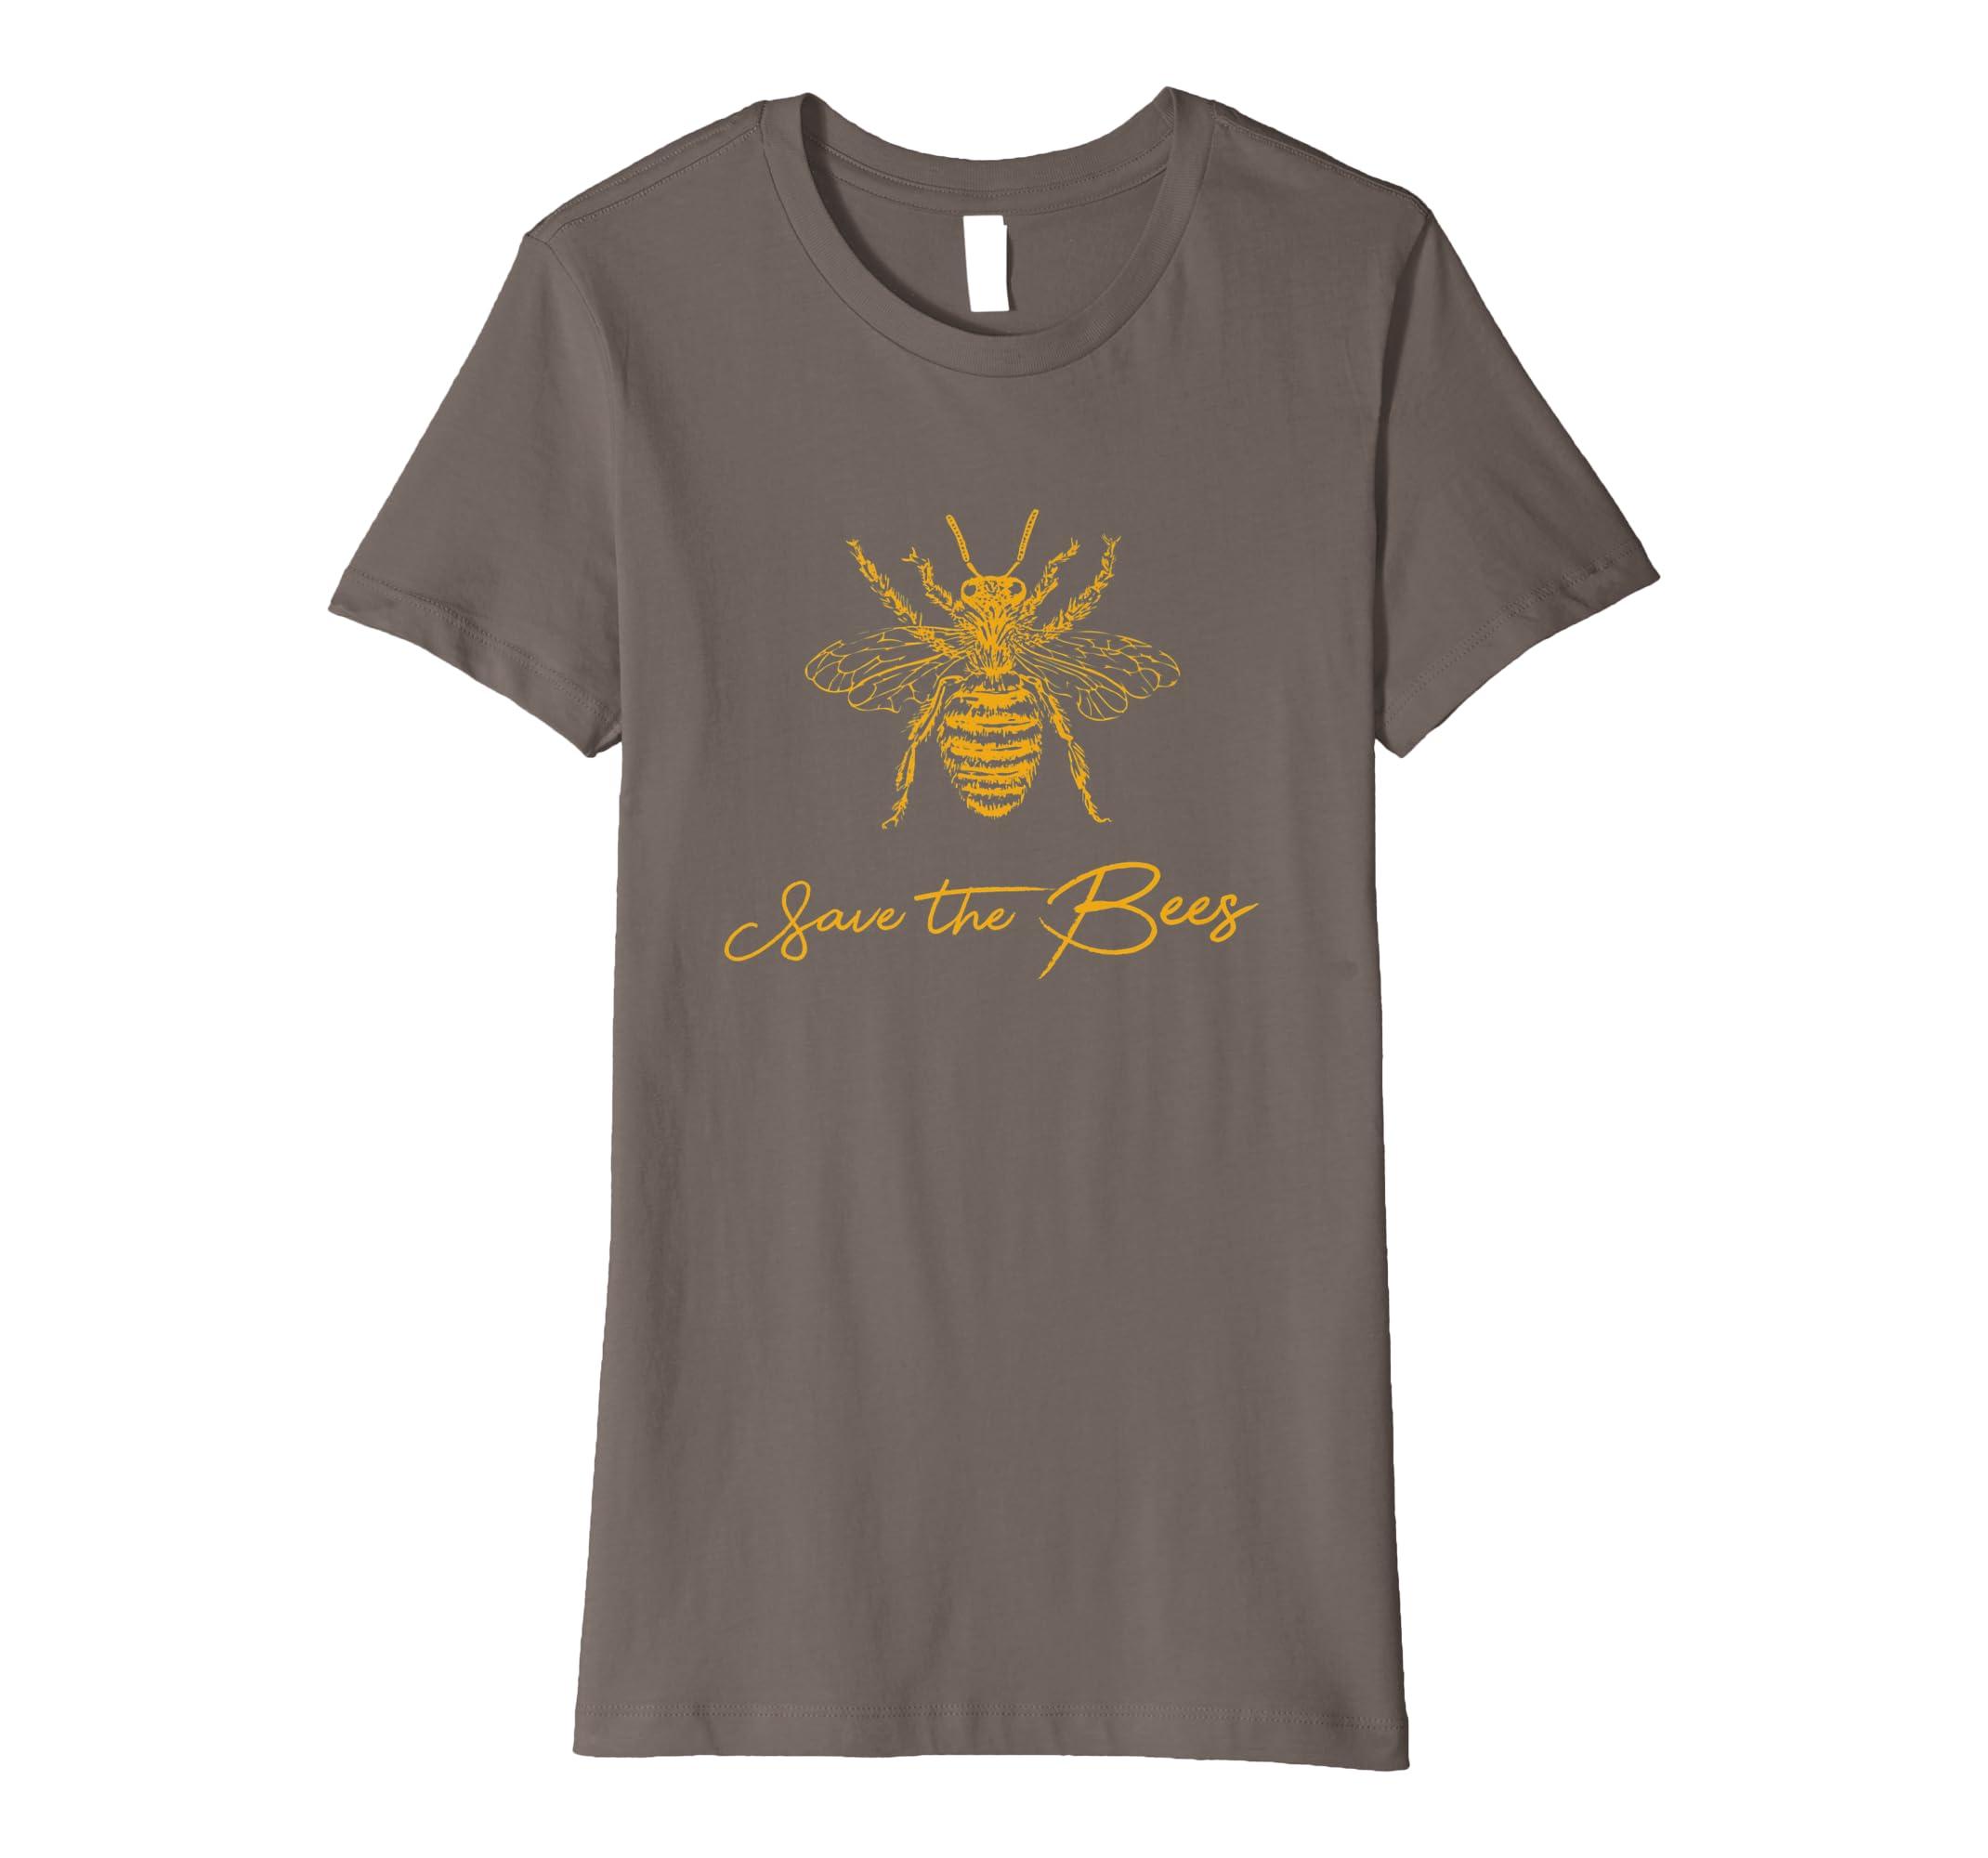 91cc7e55f349a Bienen T-Shirt - Save The Bees Imker Geschenk: Amazon.de: Bekleidung